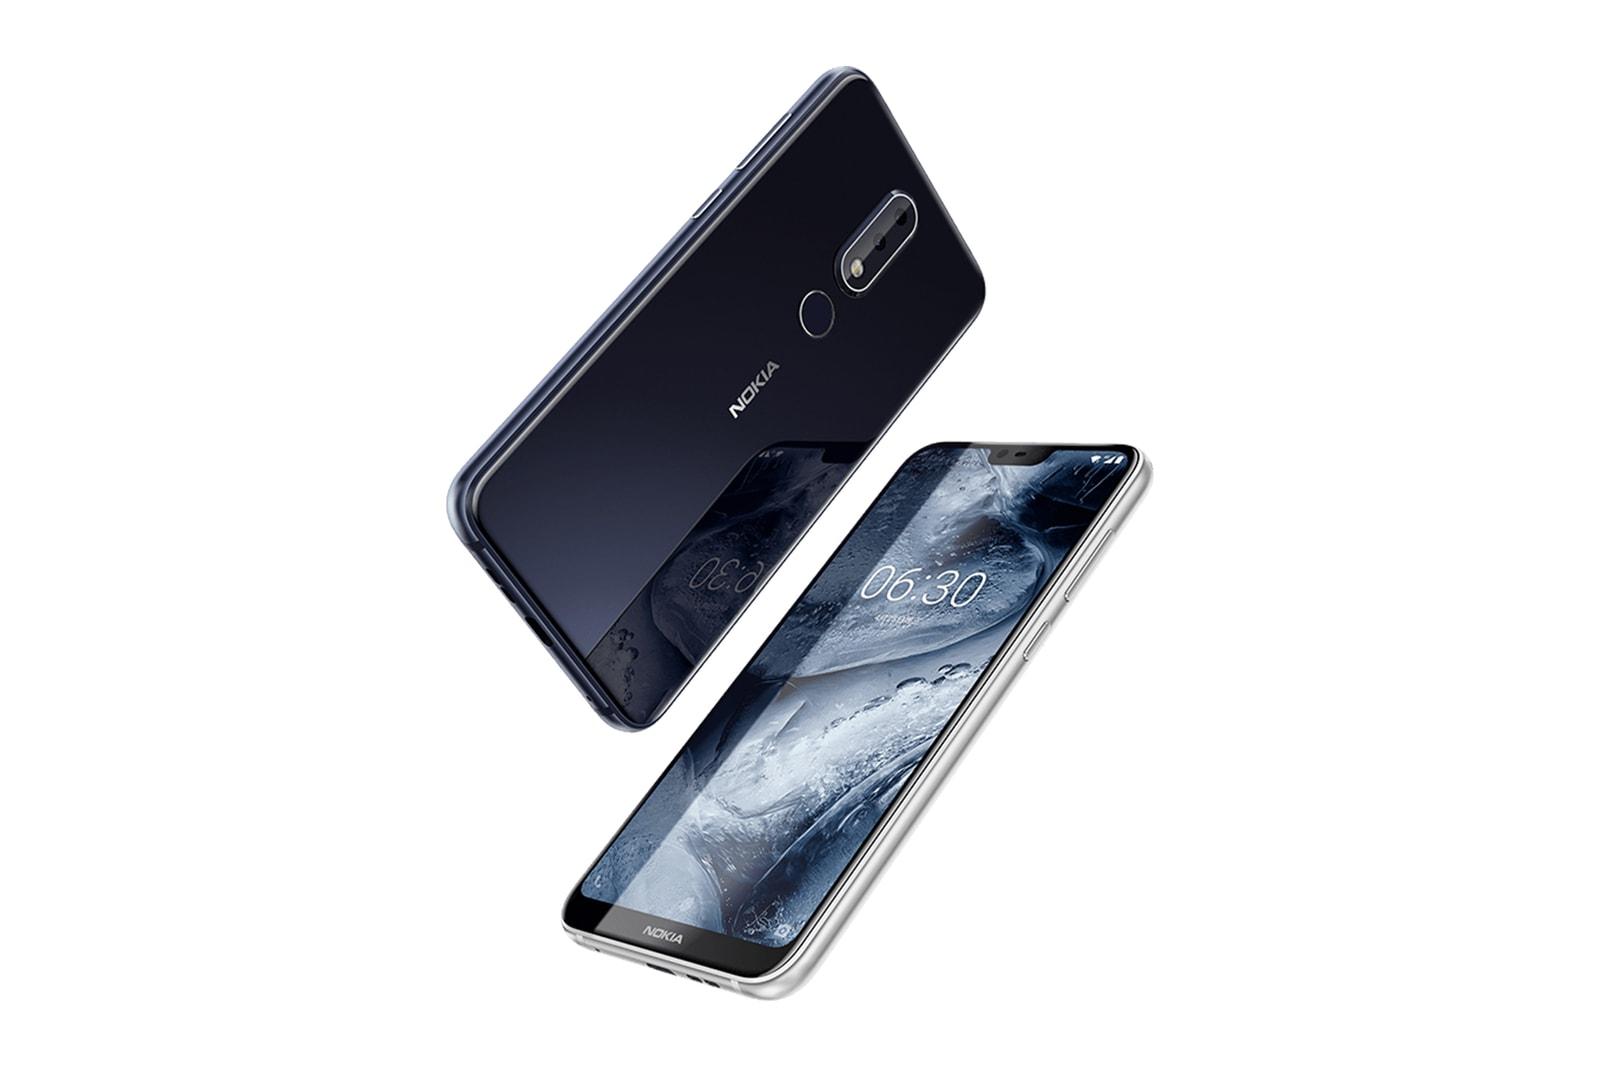 애플 삼성 특허 소송 배상금, 갤럭시 s9 출시, 원플러스6 2018 apple samsung patent court galaxy s9 oneplus6 nokia x6